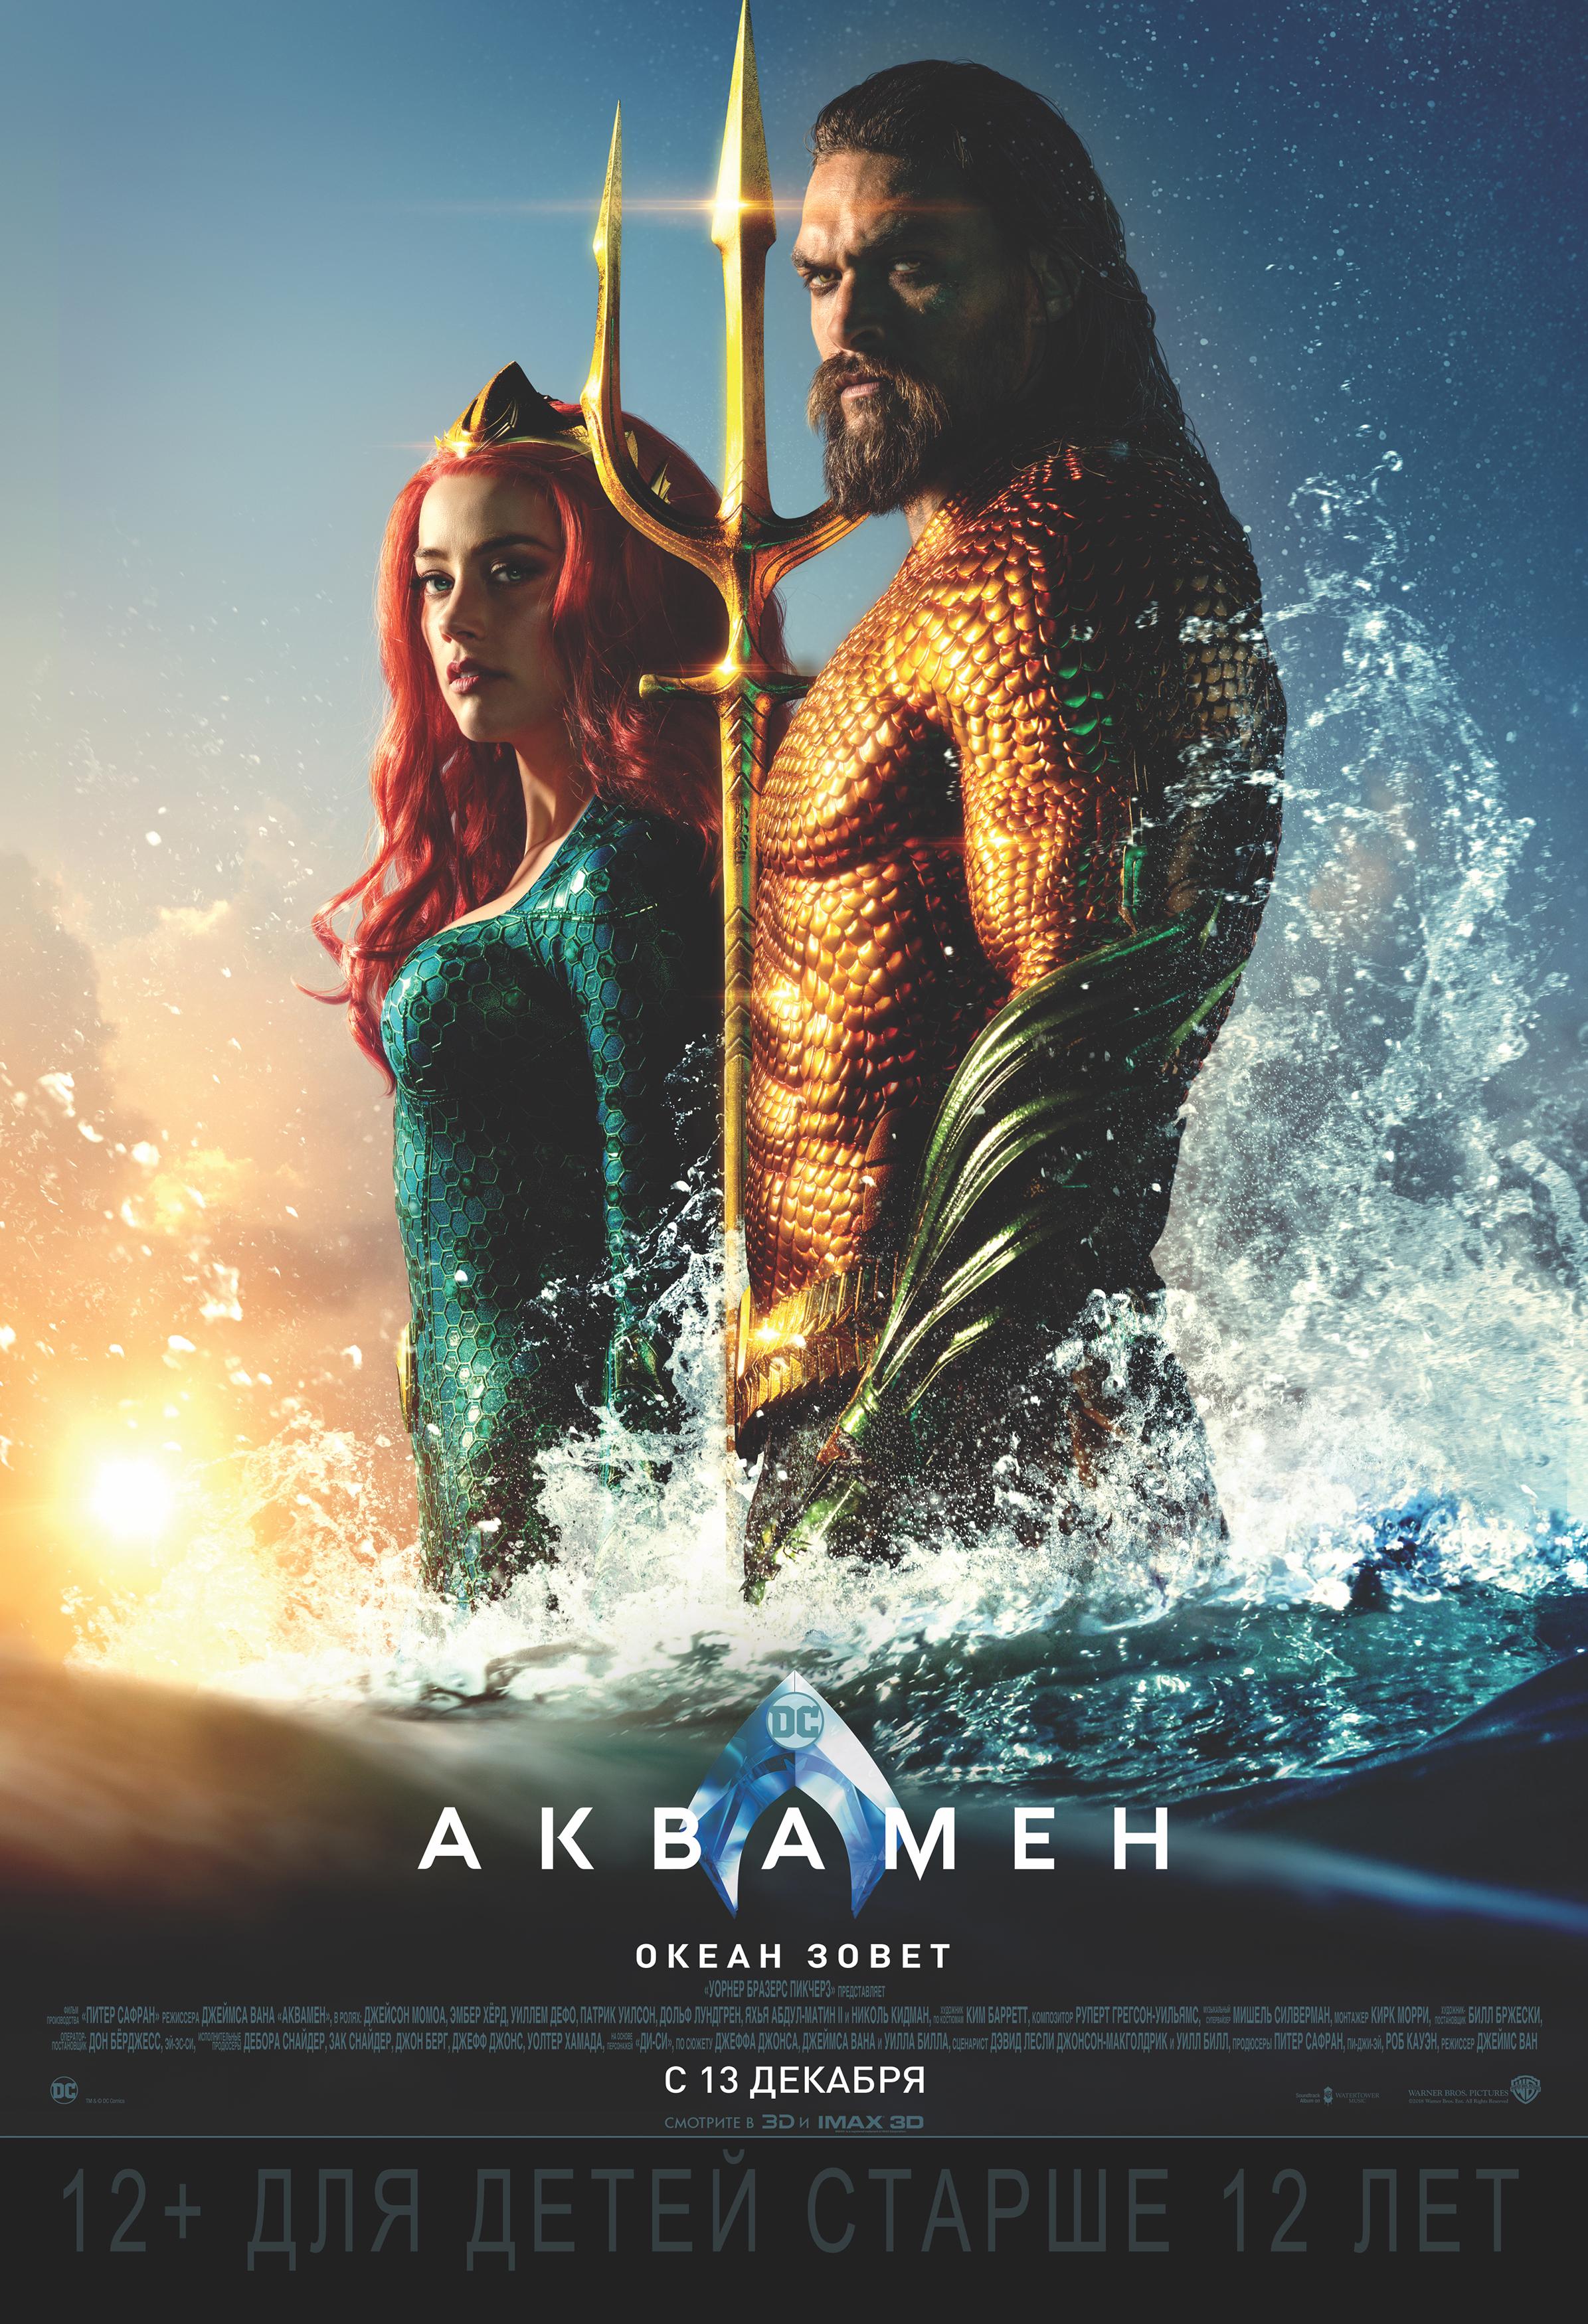 Кино 3д в рязани афиша на купить билеты в цирк в перми онлайн